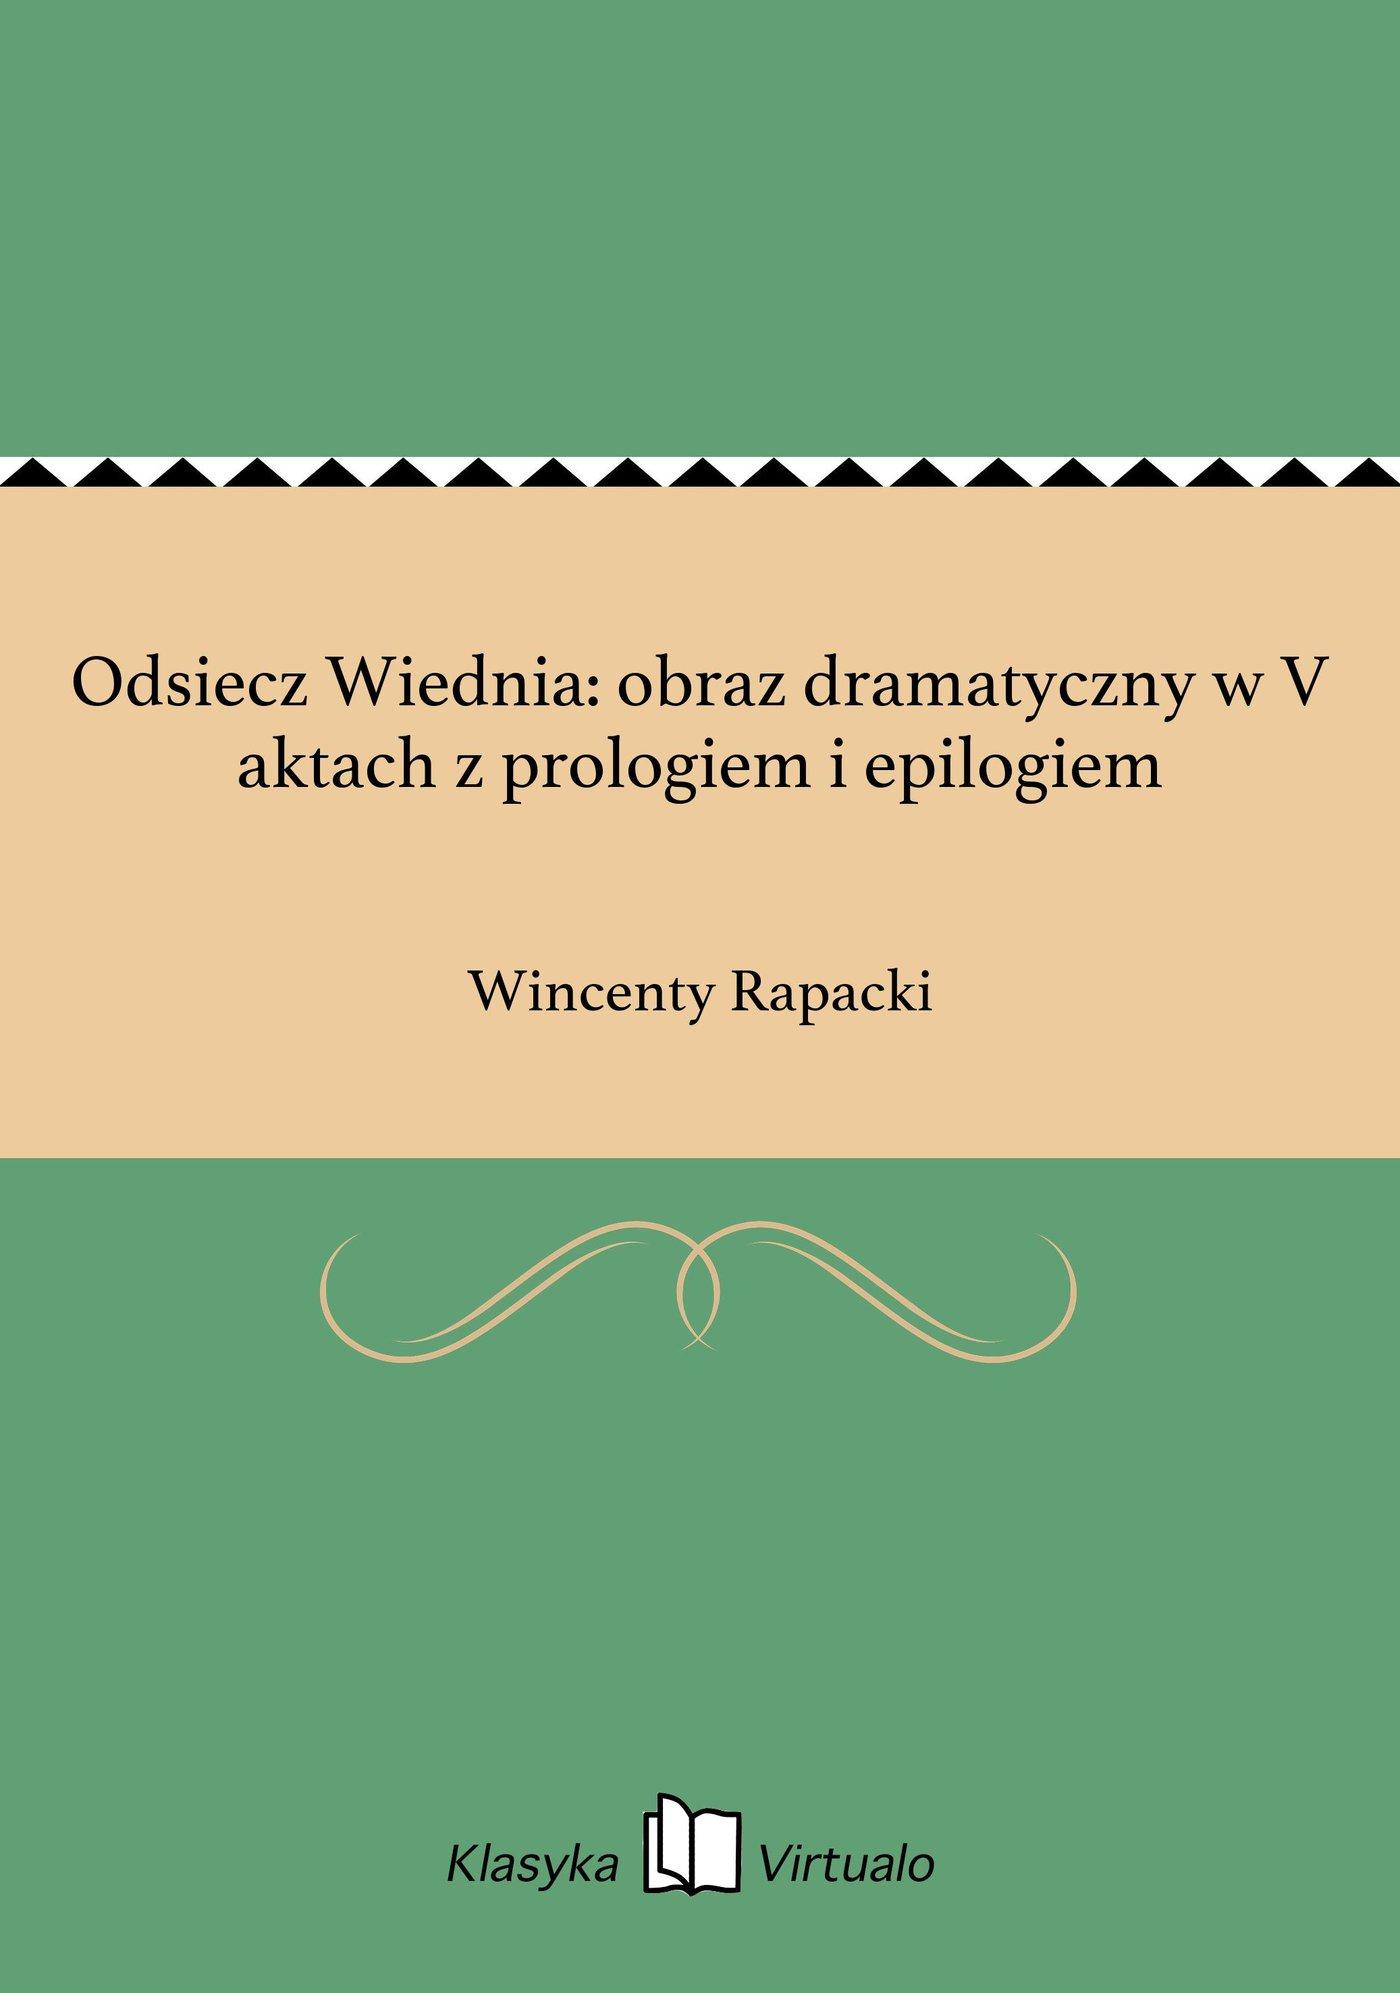 Odsiecz Wiednia: obraz dramatyczny w V aktach z prologiem i epilogiem - Ebook (Książka EPUB) do pobrania w formacie EPUB